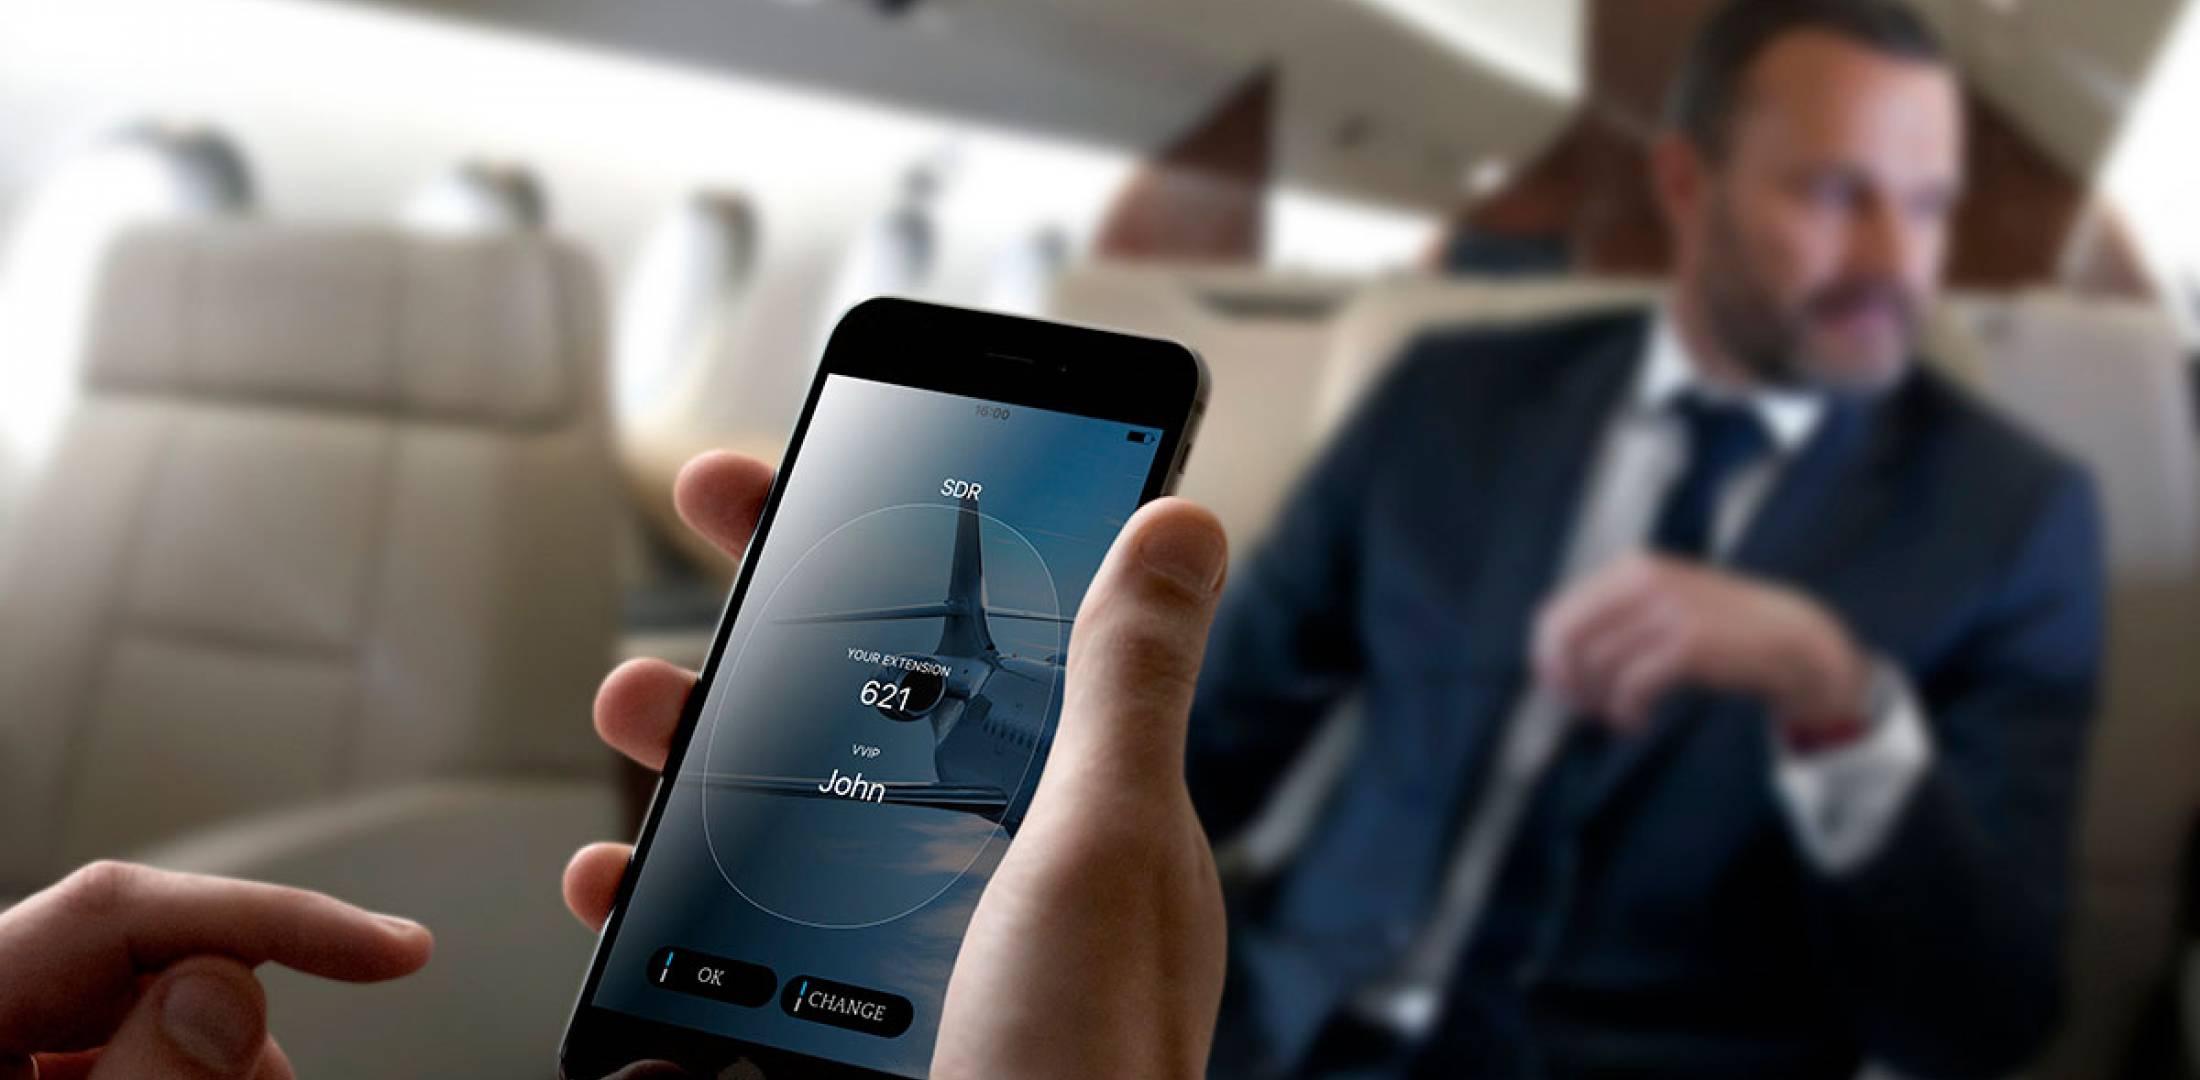 """Што ќе се случи ако во авион не ја вклучите опцијата """"авионски режим""""?"""